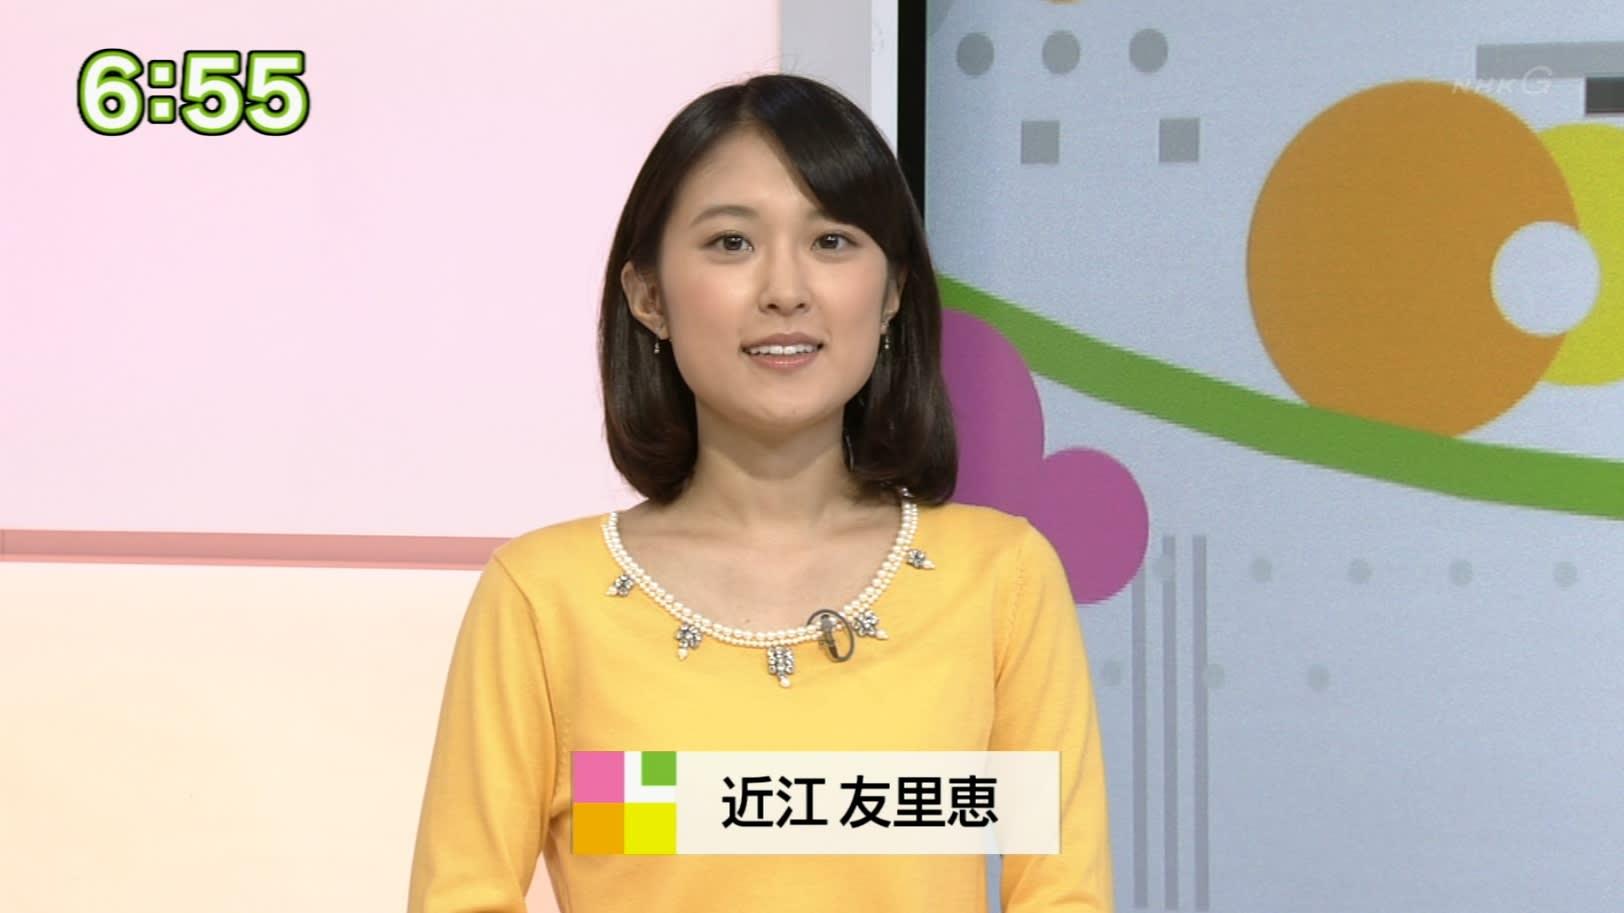 jpg.imagetwist.com imagesize:001-$ 近江ちゃん